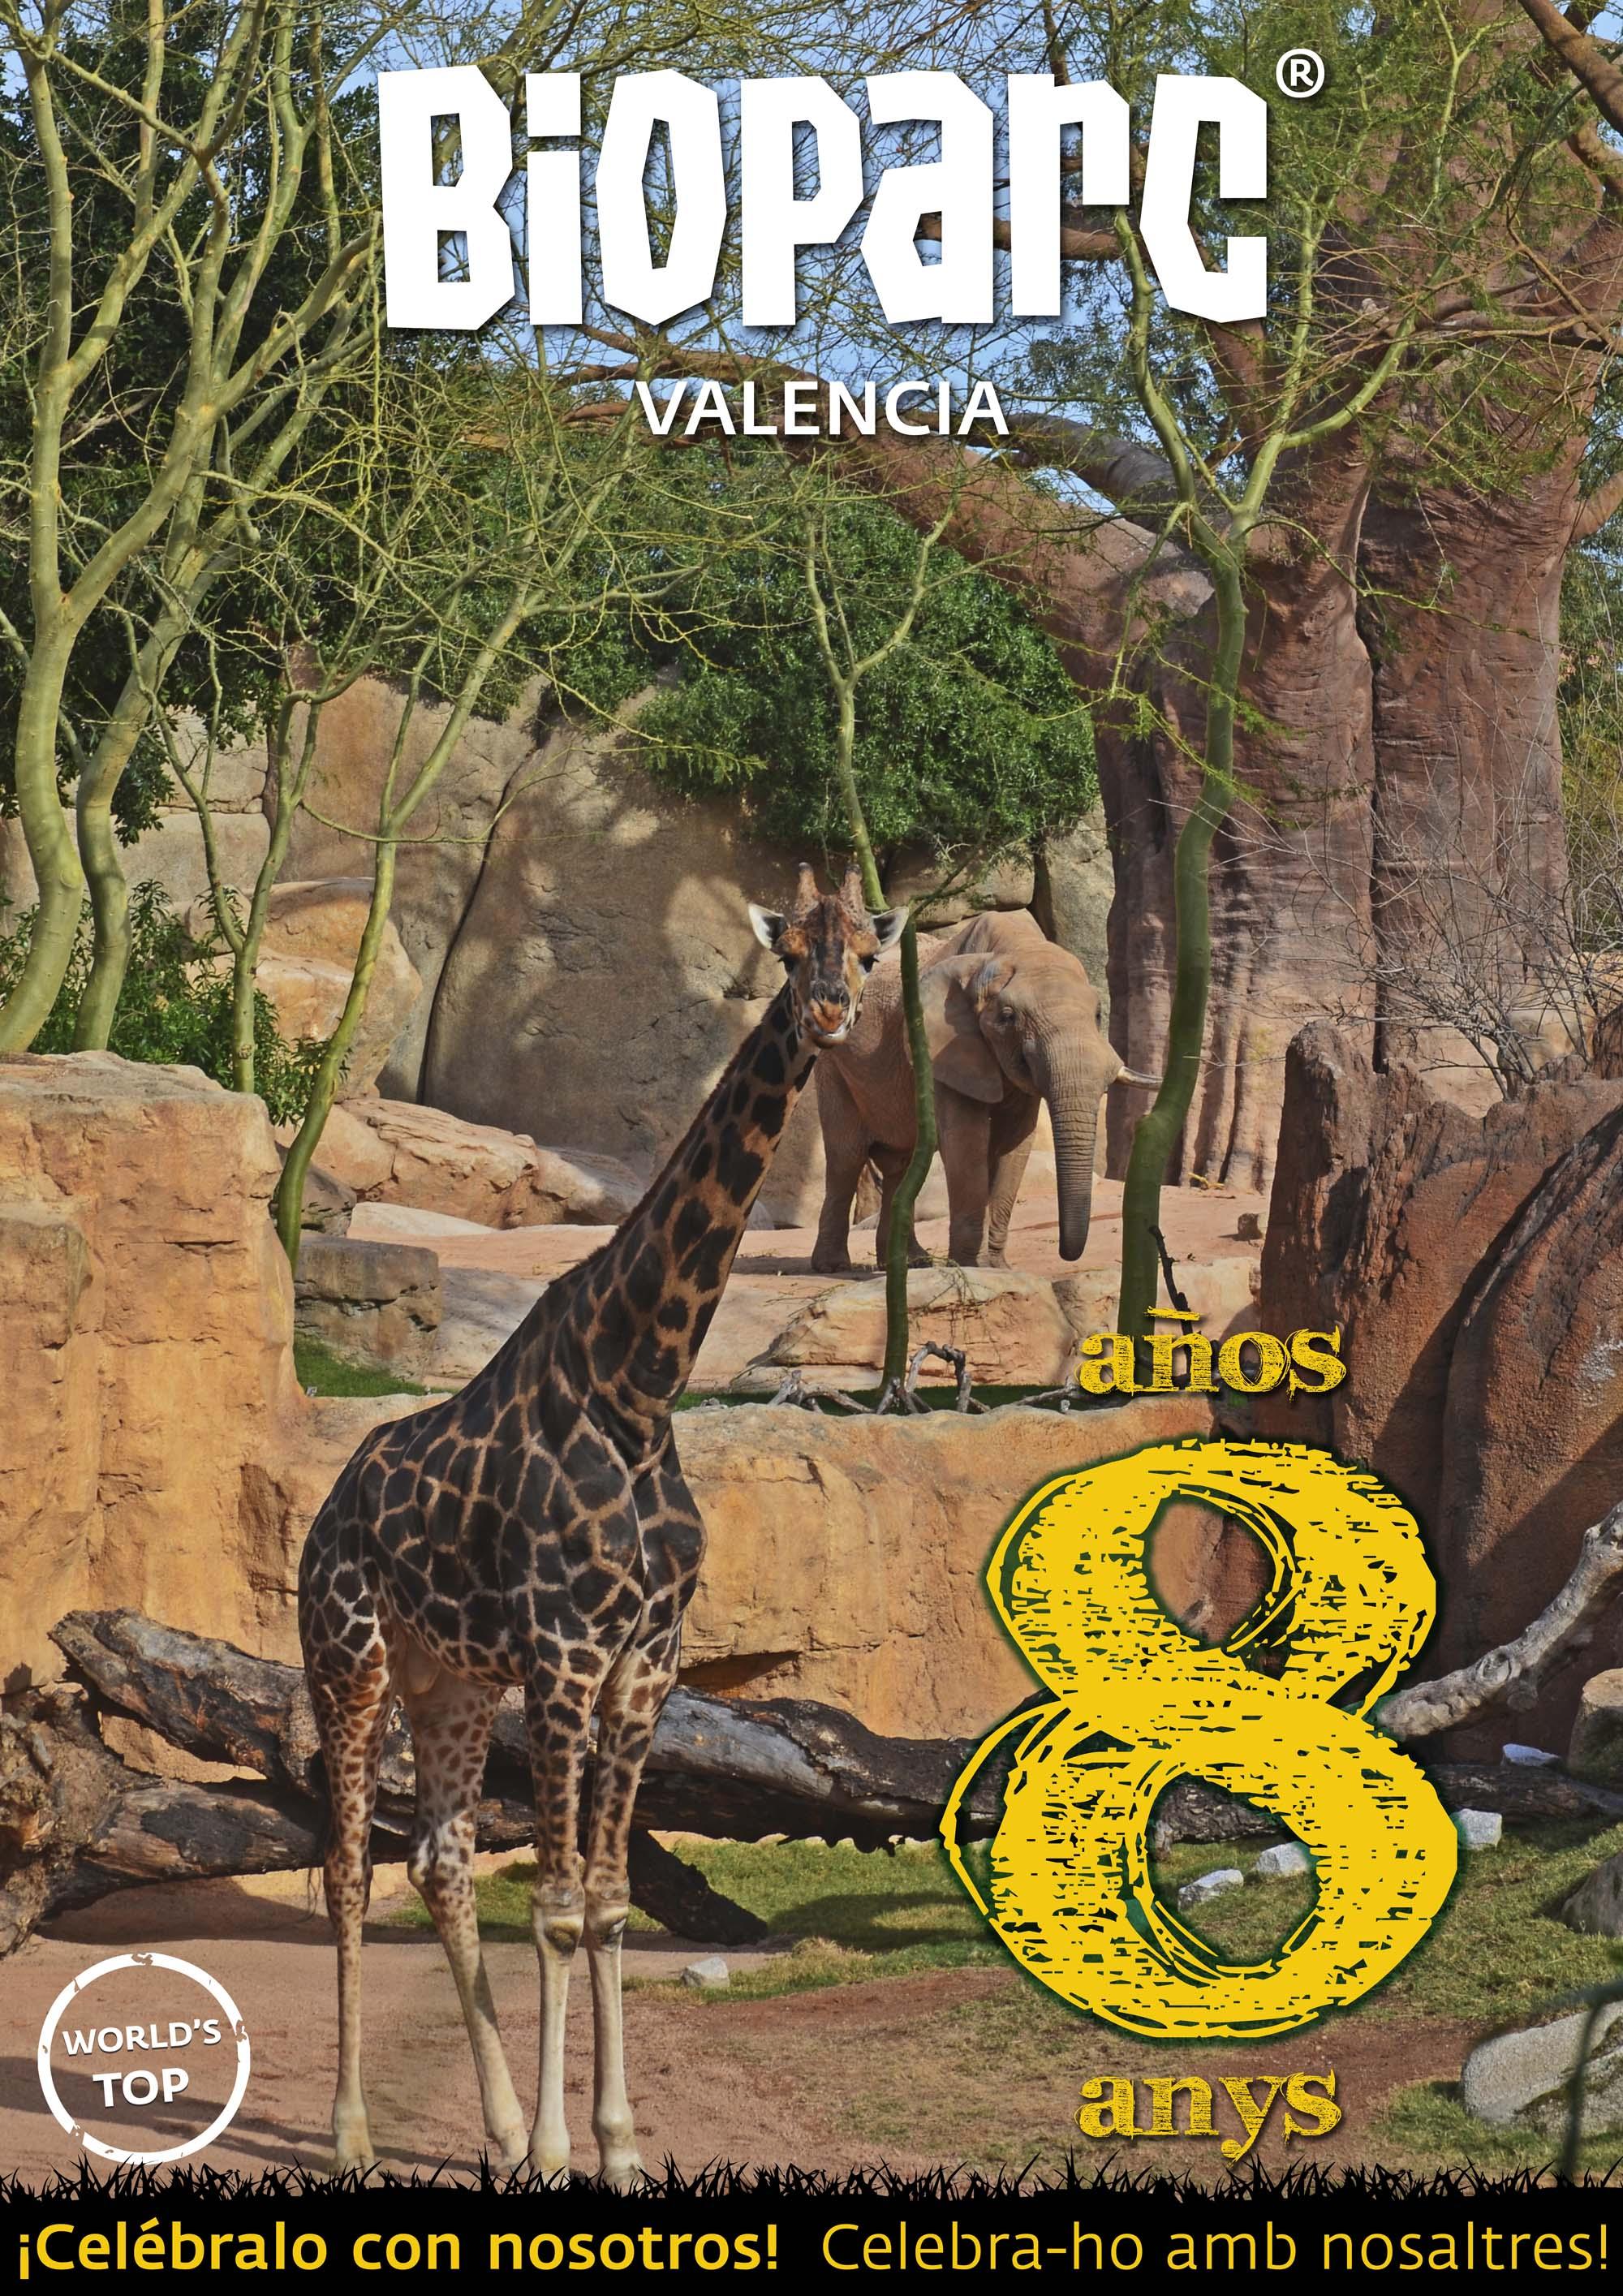 Bioparc 8 a os oconowocc - Bioparc precios valencia ...